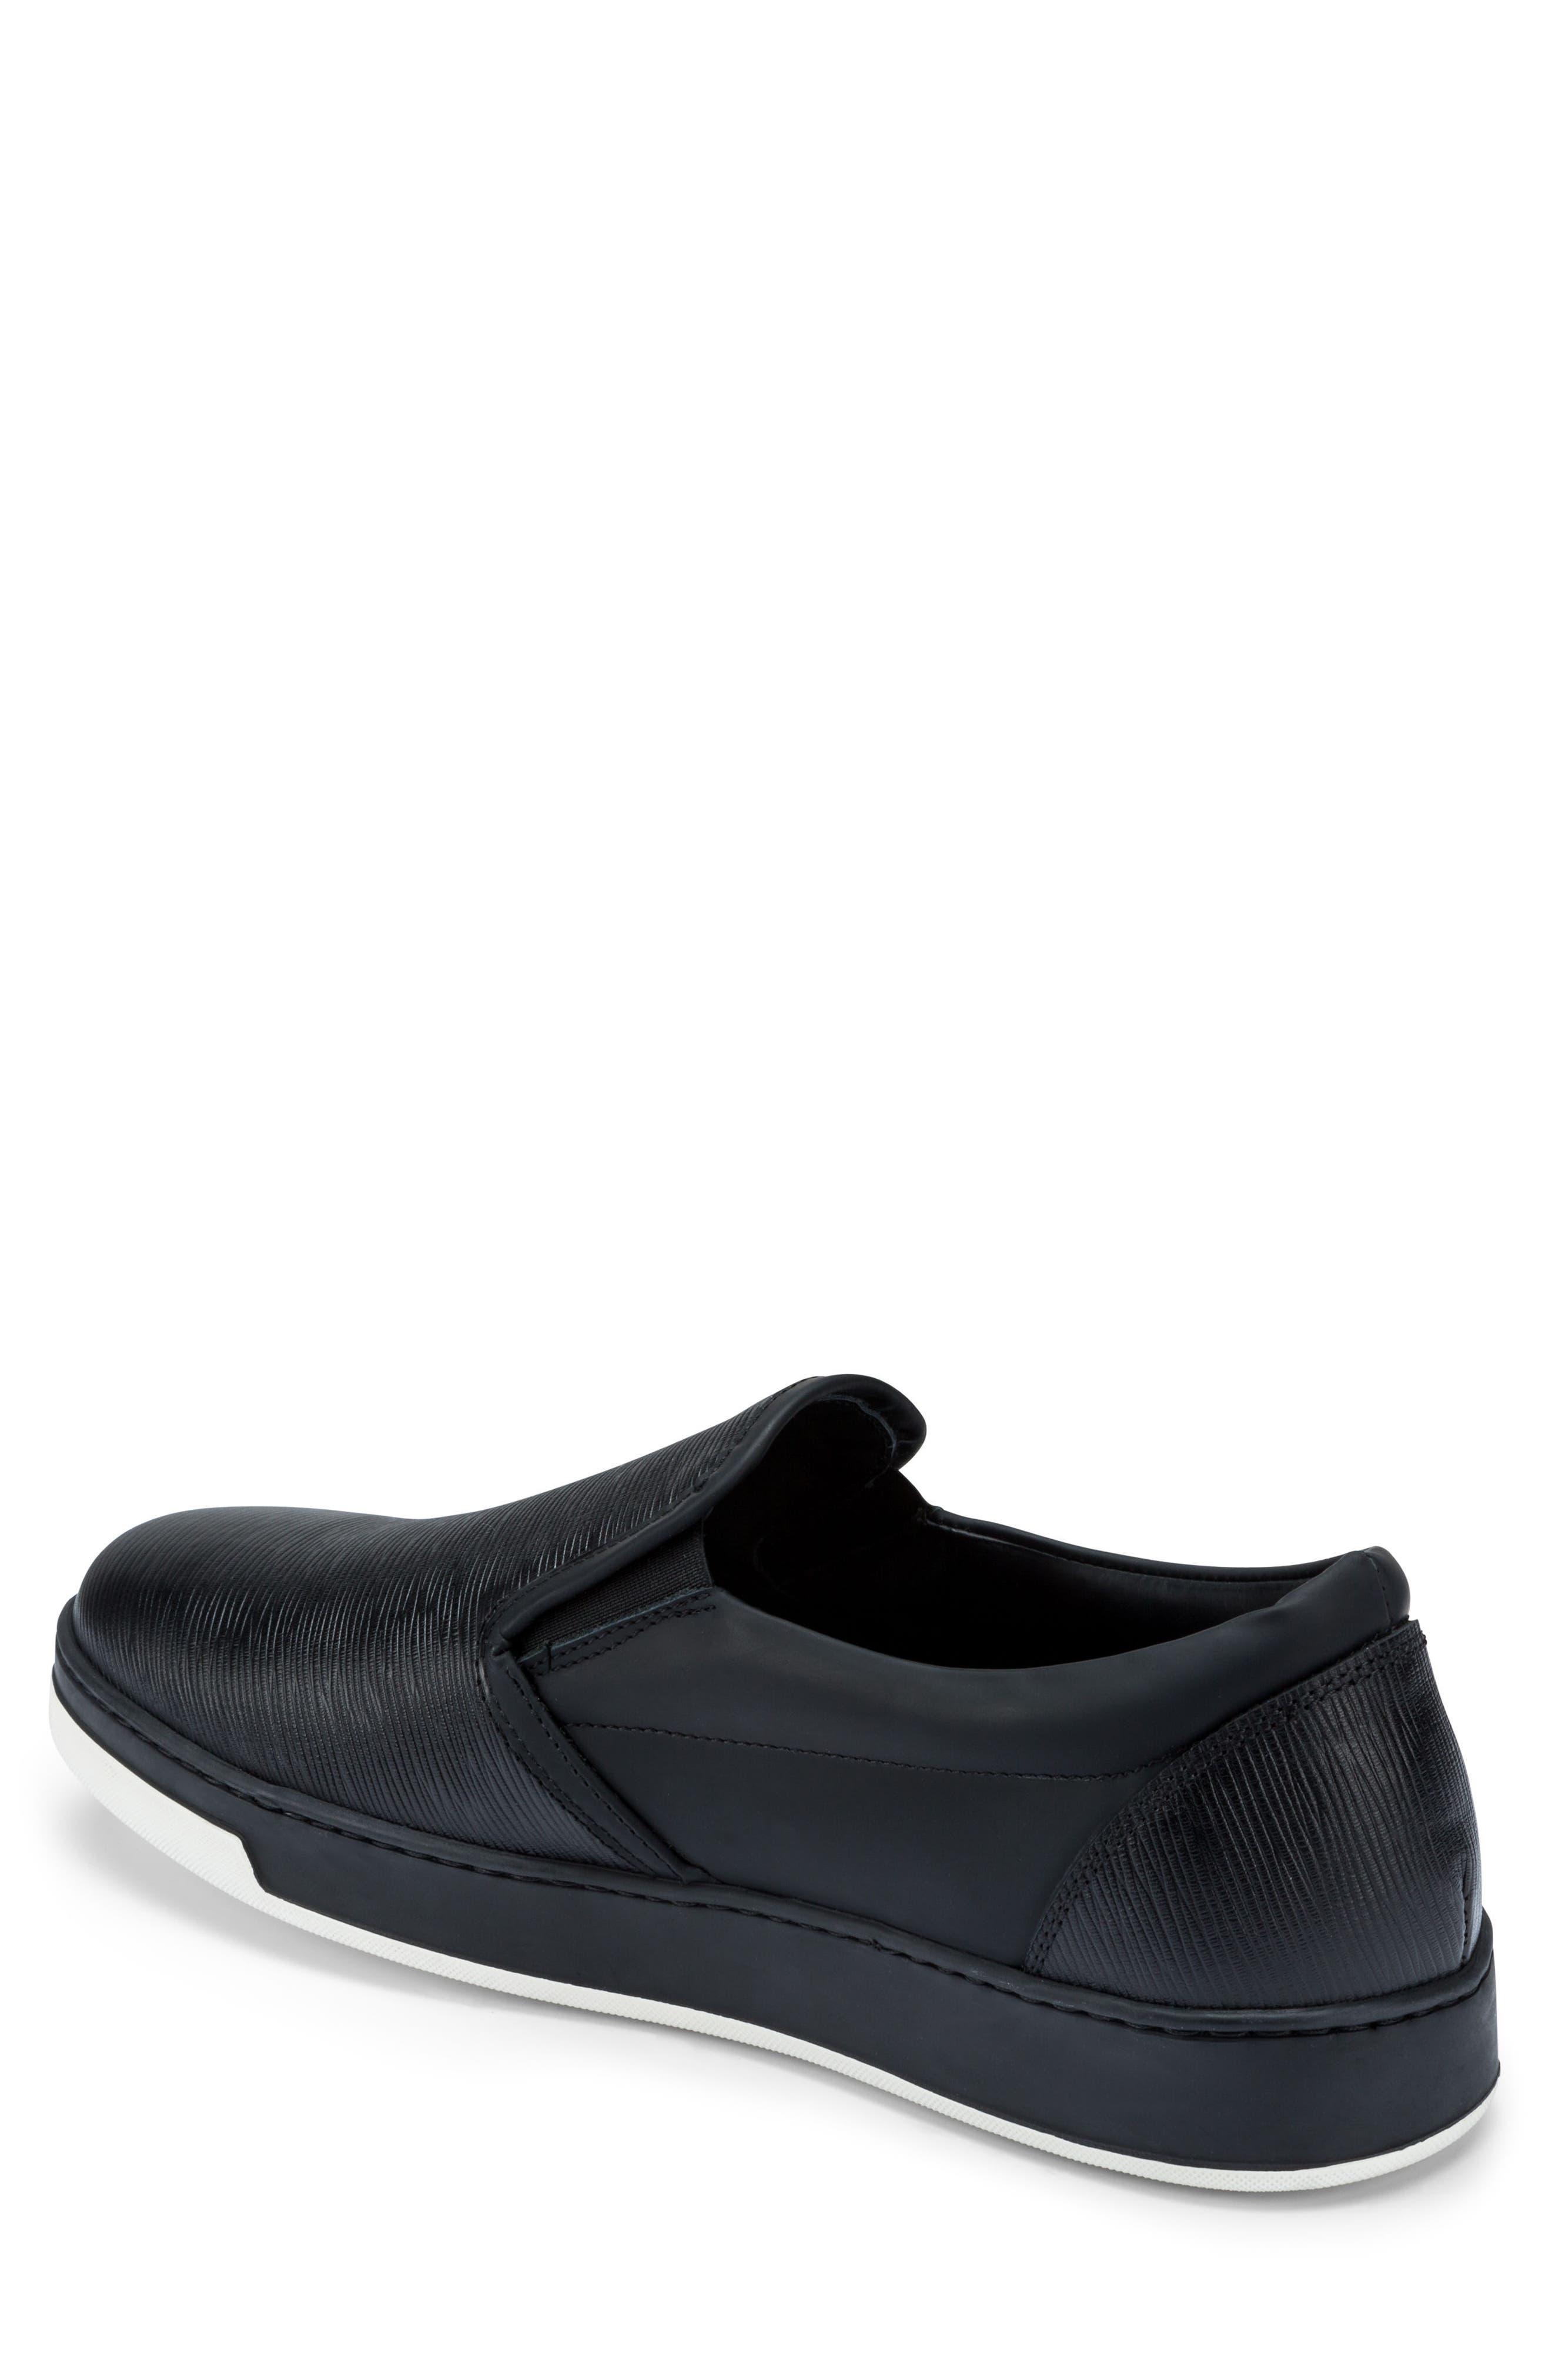 Santorini Slip-On Sneaker,                             Alternate thumbnail 2, color,                             001